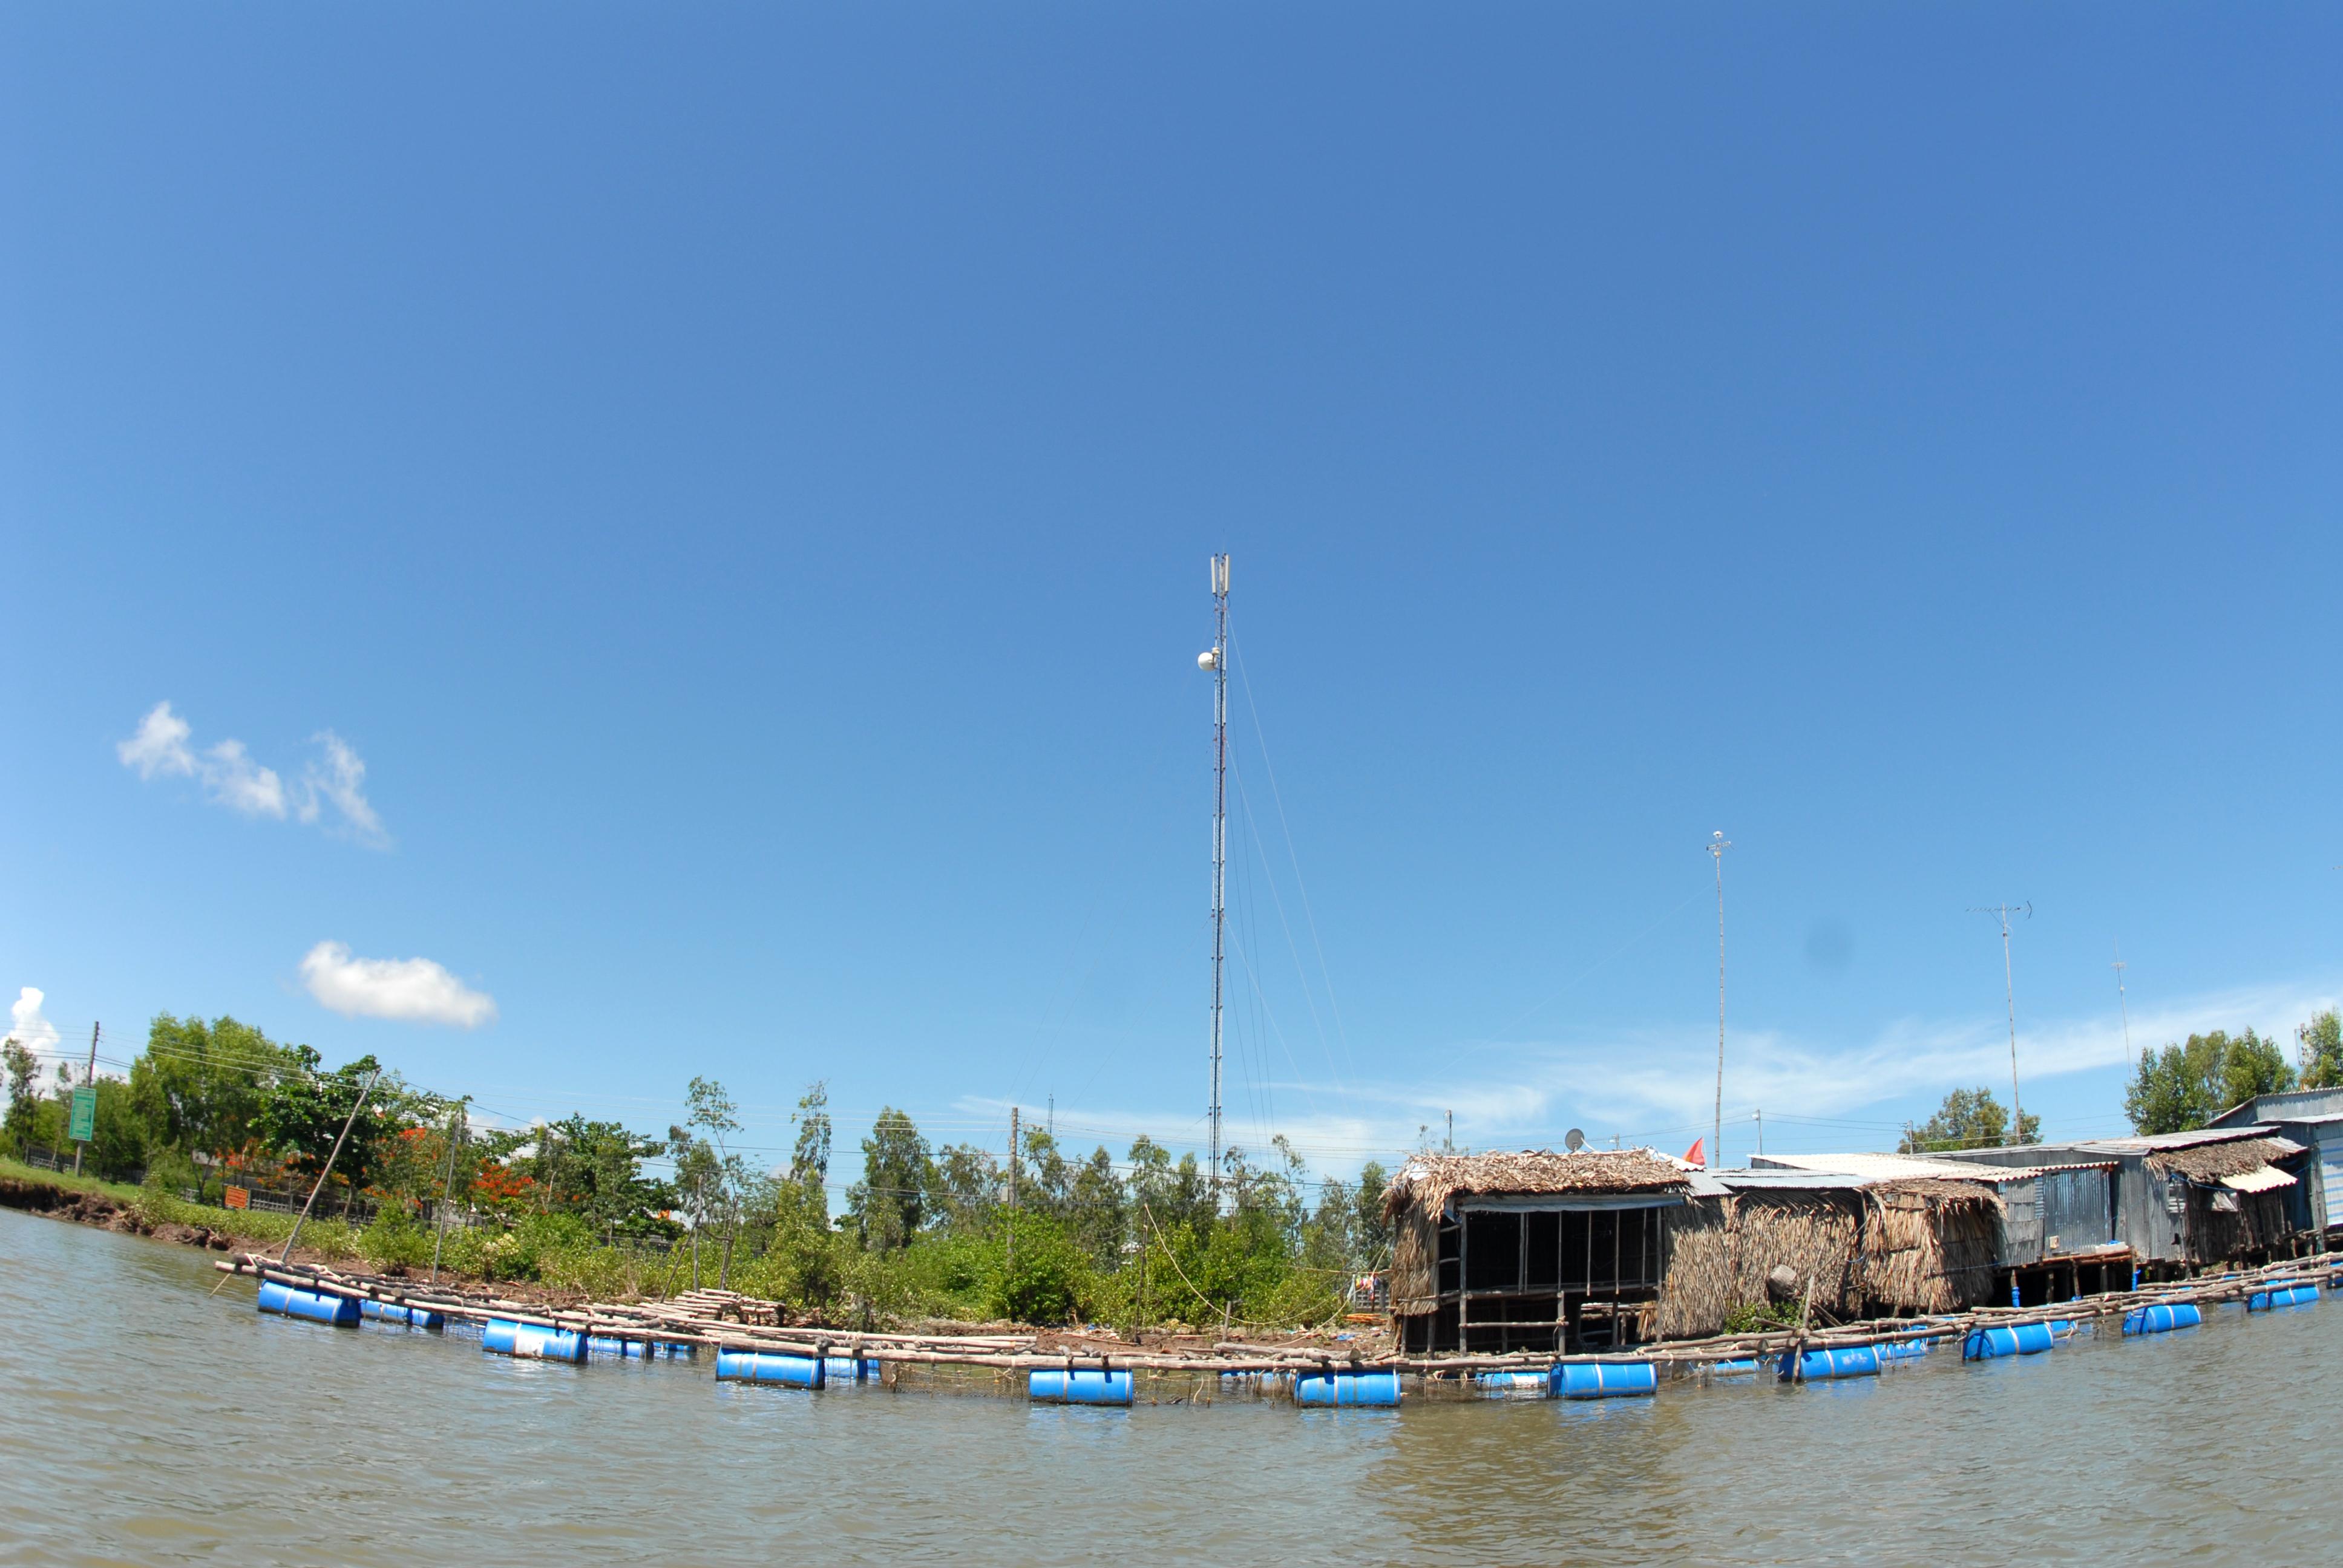 Sóng 4G được phủ đến bán kính 100km khu vực xa bờ và biển đảo - Ảnh 1.